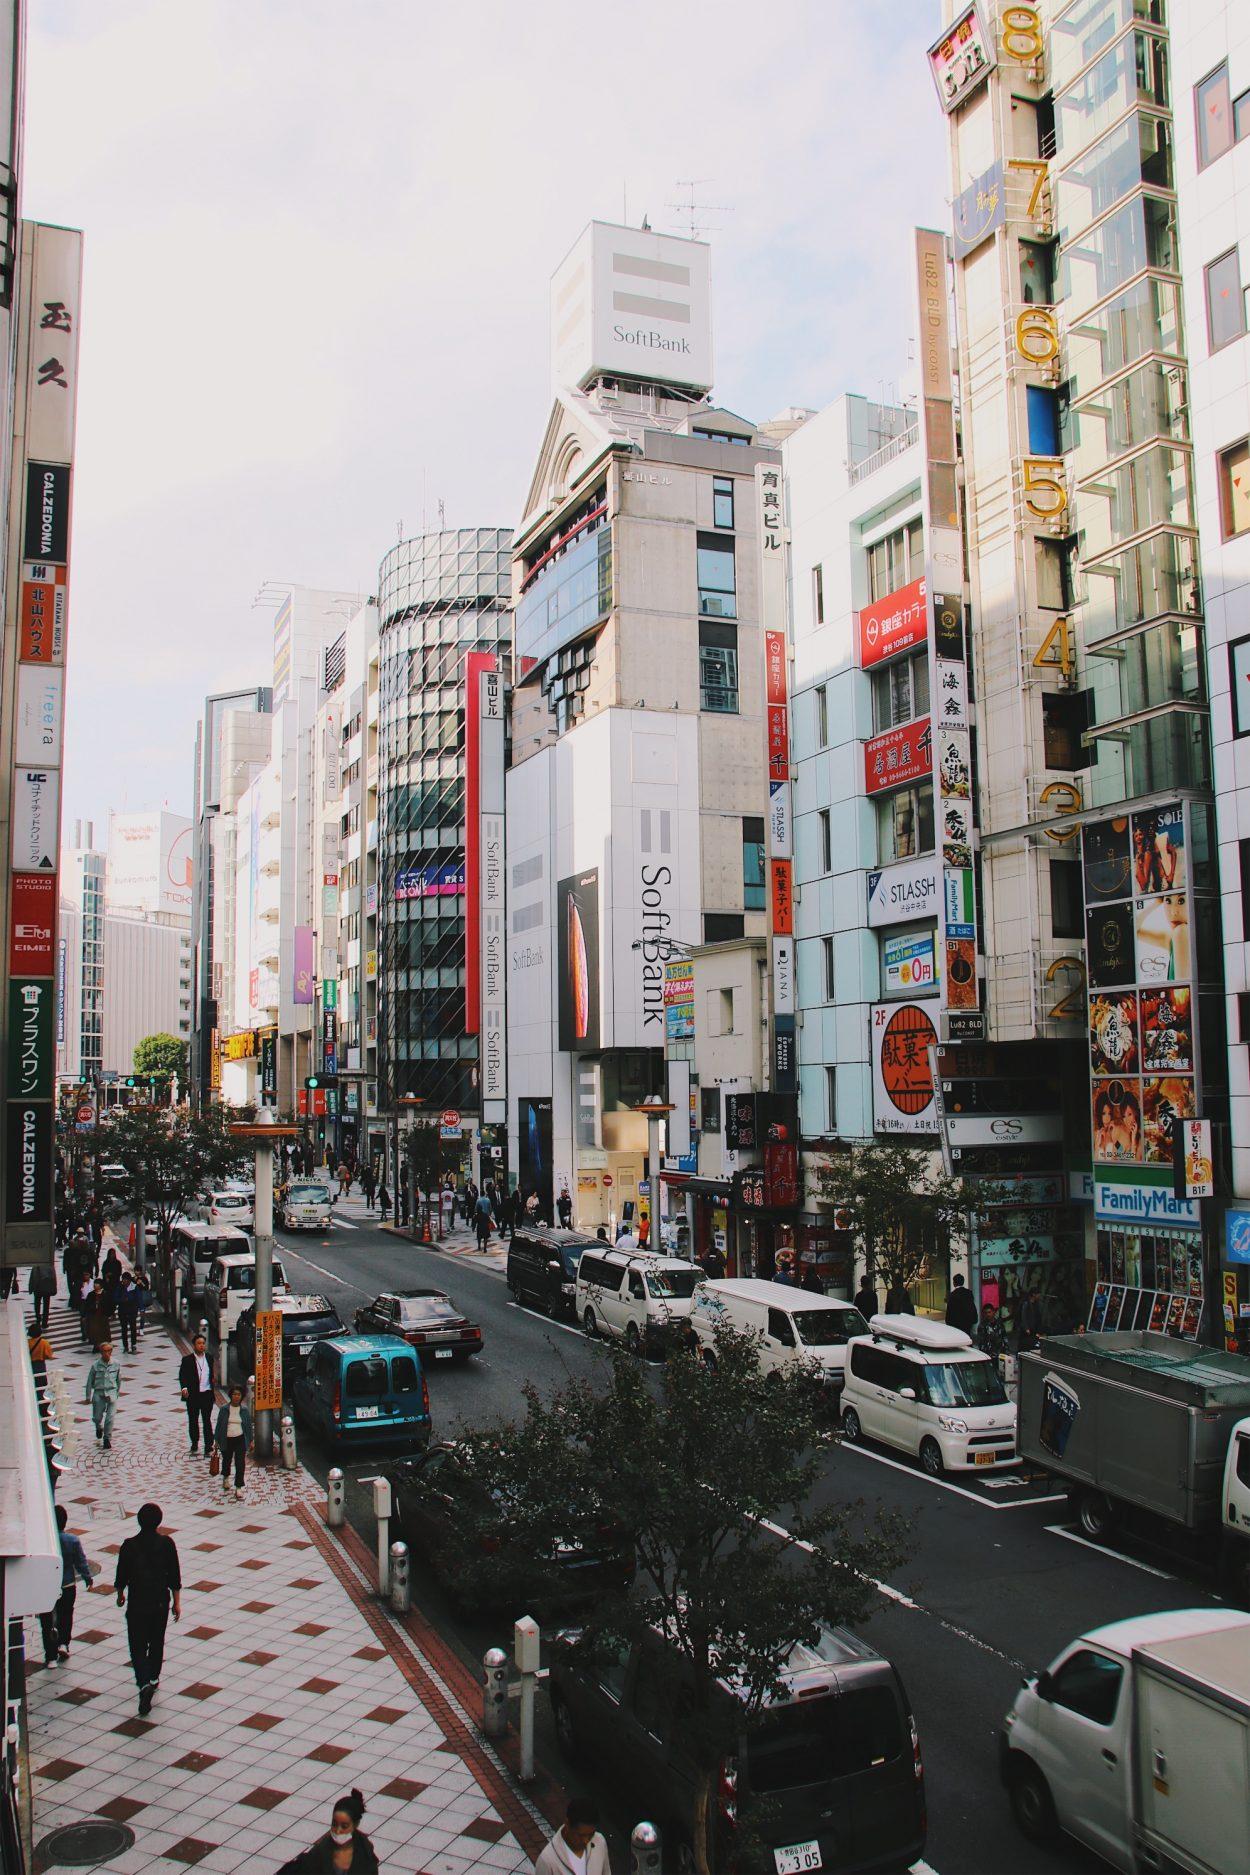 shibuya tokyo two week japan itinerary